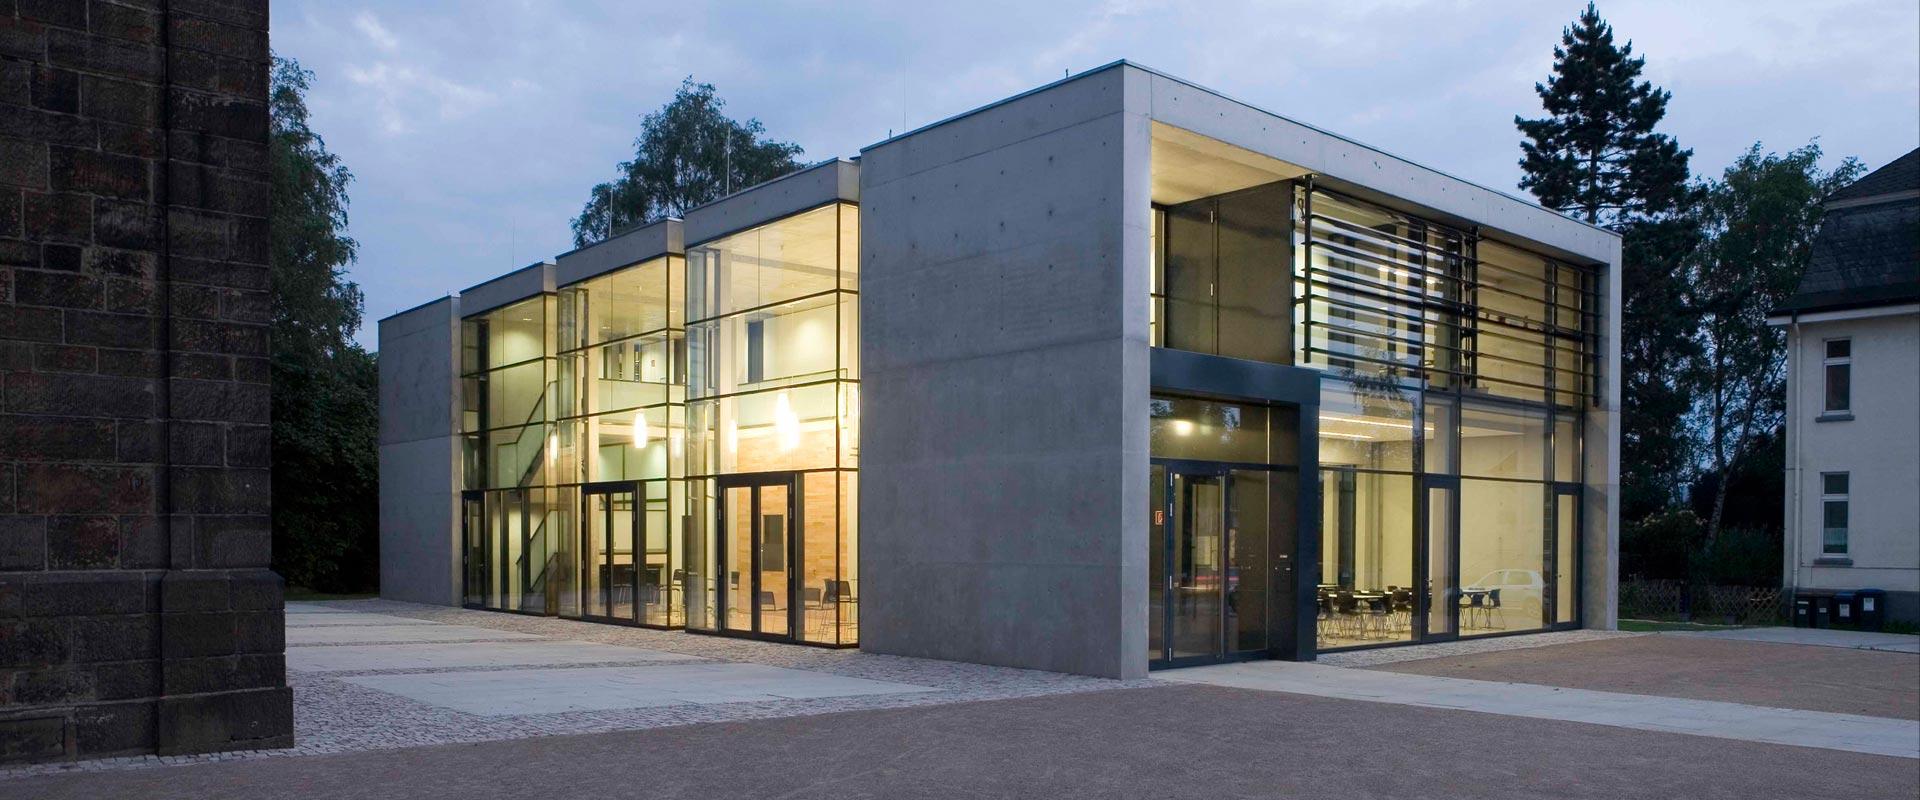 bathe+reber_gemeindehaus_zion02